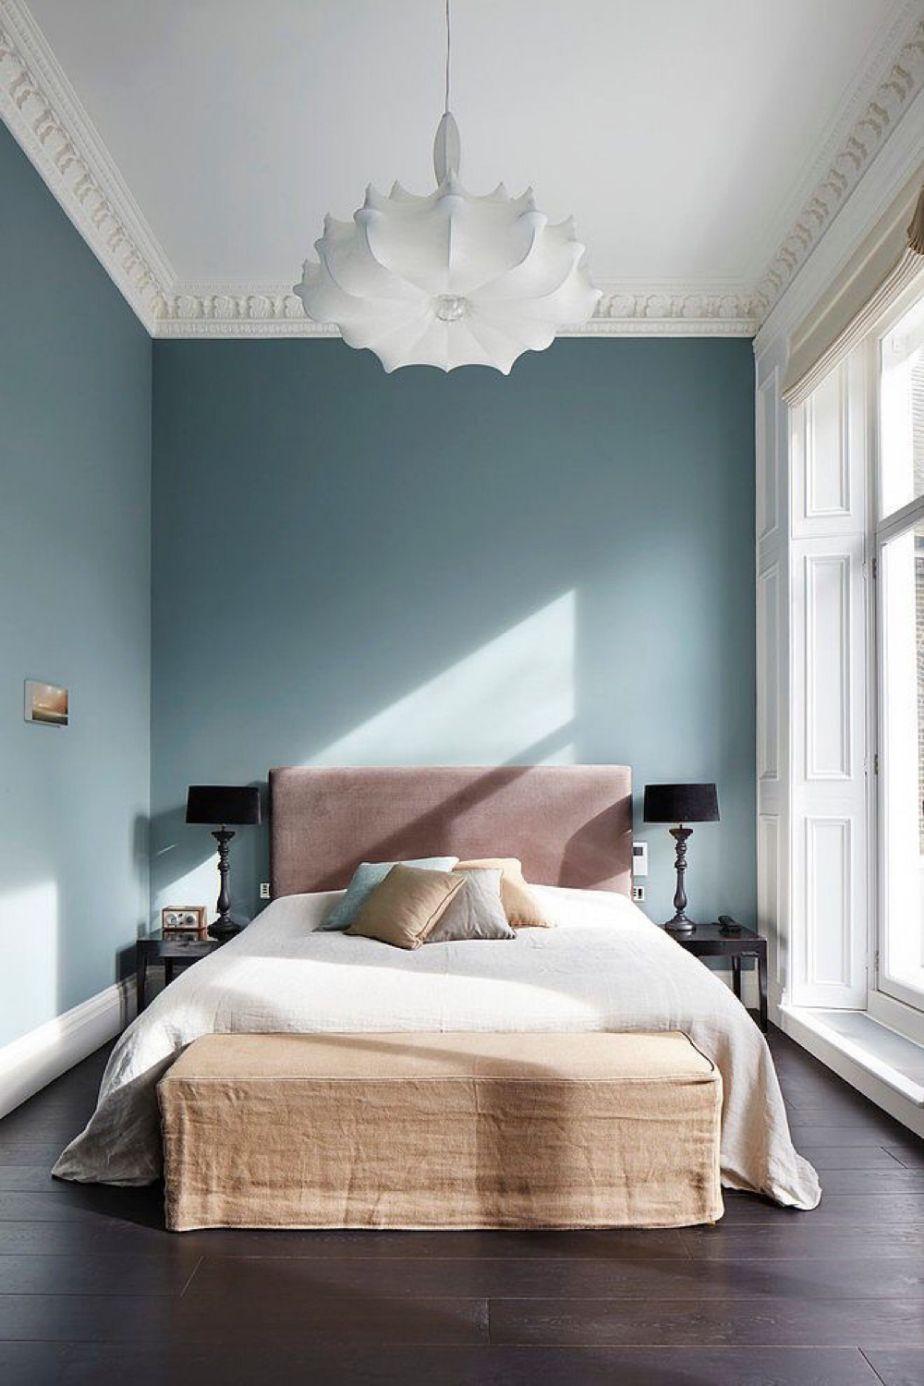 Fröken turkos blogg » 10 vackraste sovrummen i blått